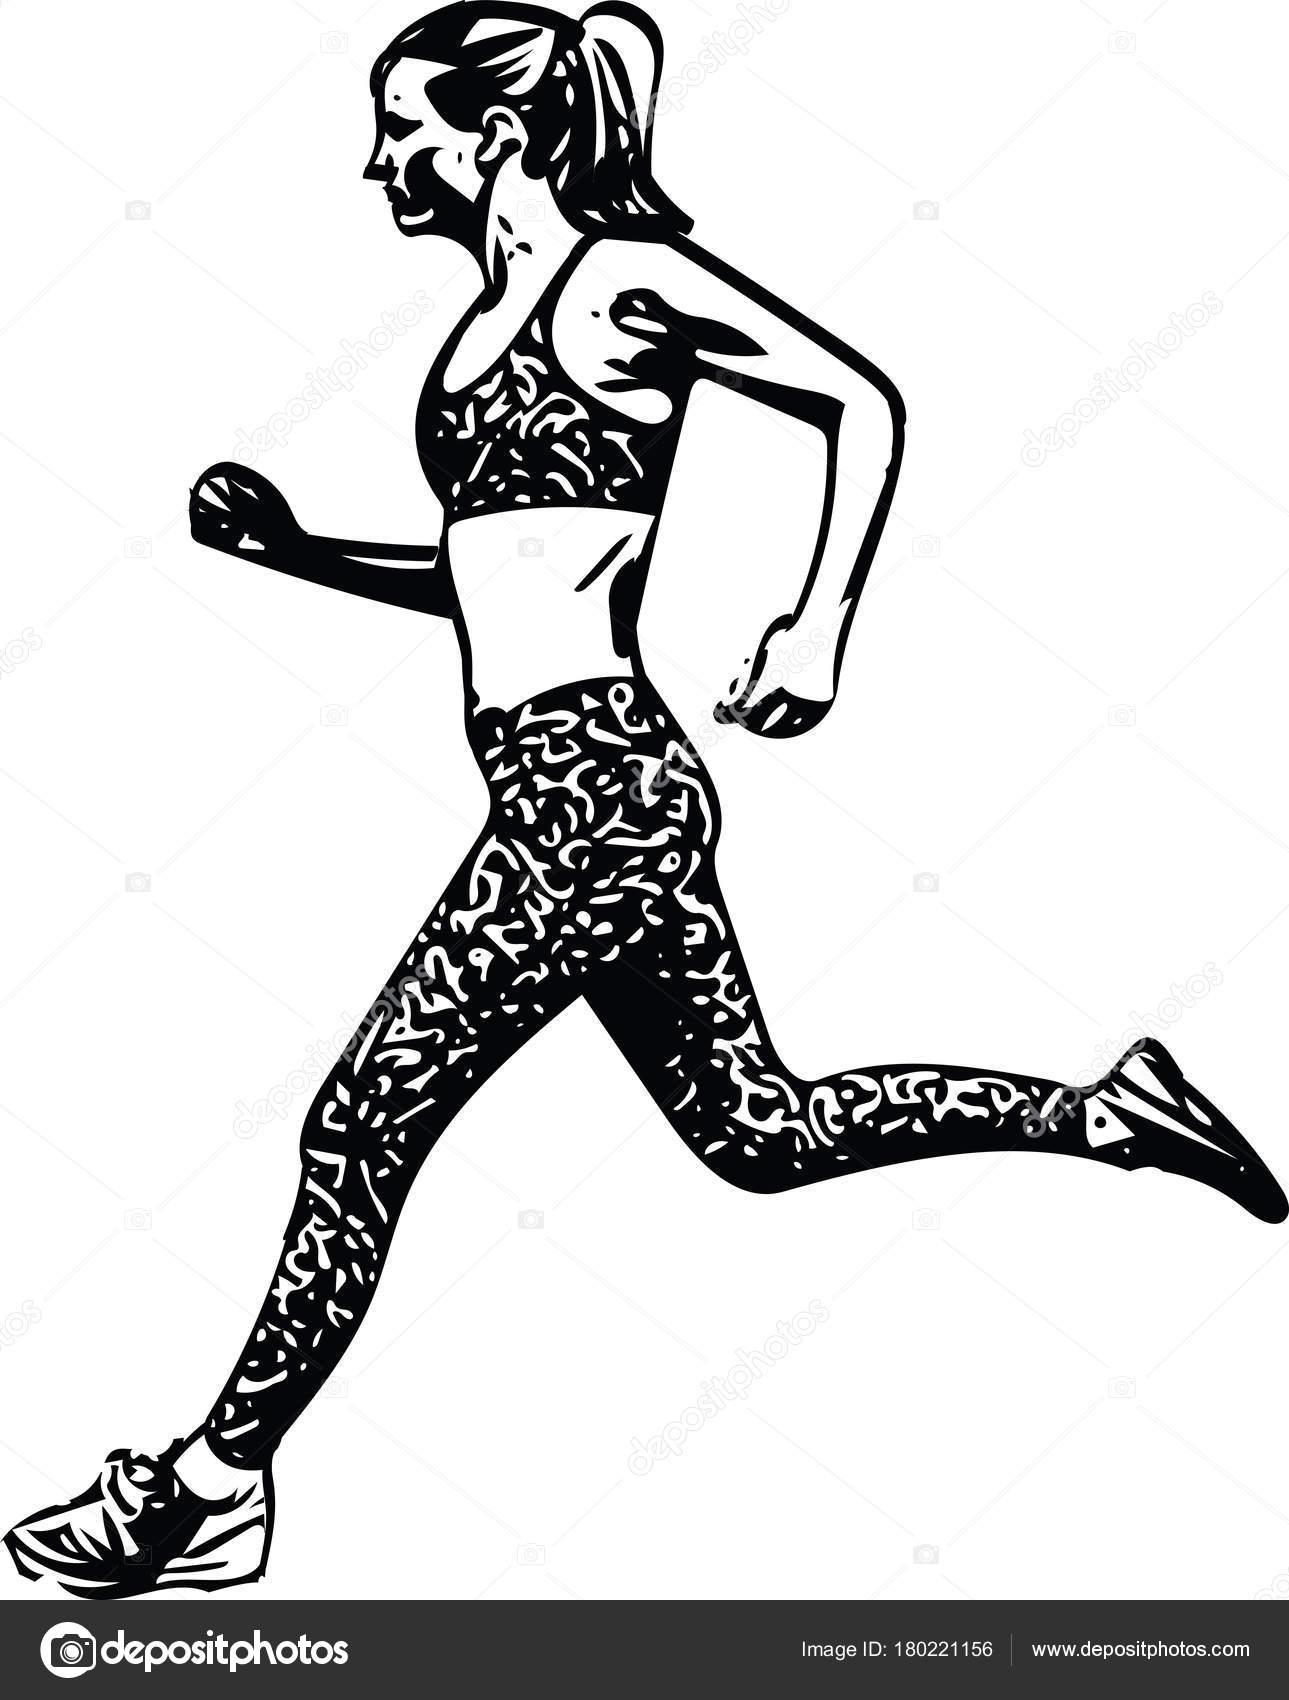 Dessiner Une Silhouette De Femme dessin de silhouette de femme running — image vectorielle aroas